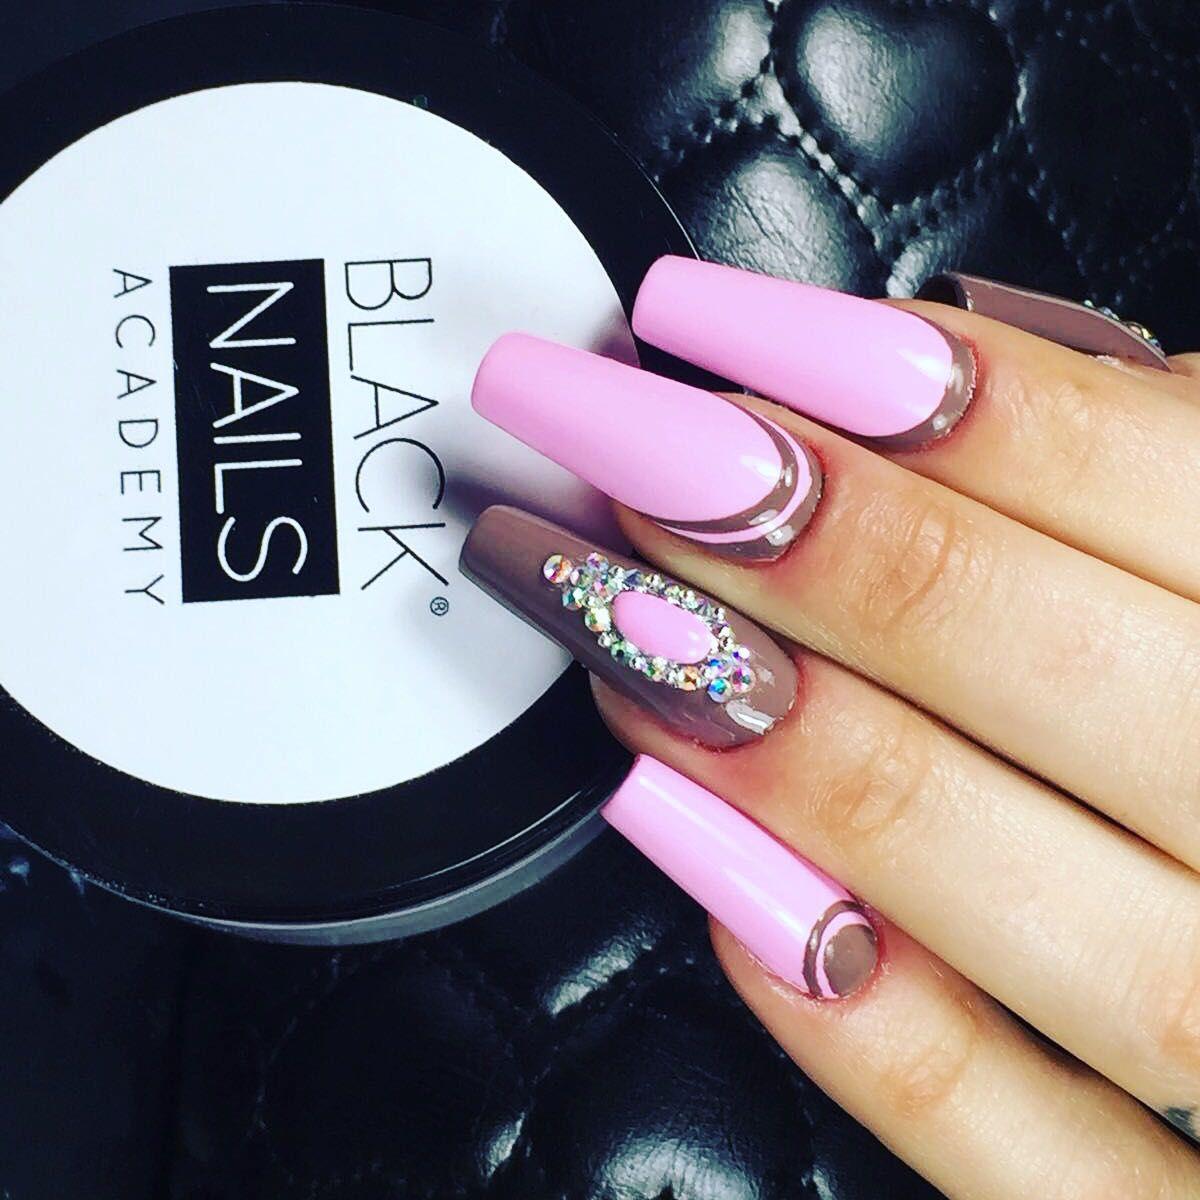 Manicura y uñas esculpidas: Nuestros tratamientos de Ame Nails